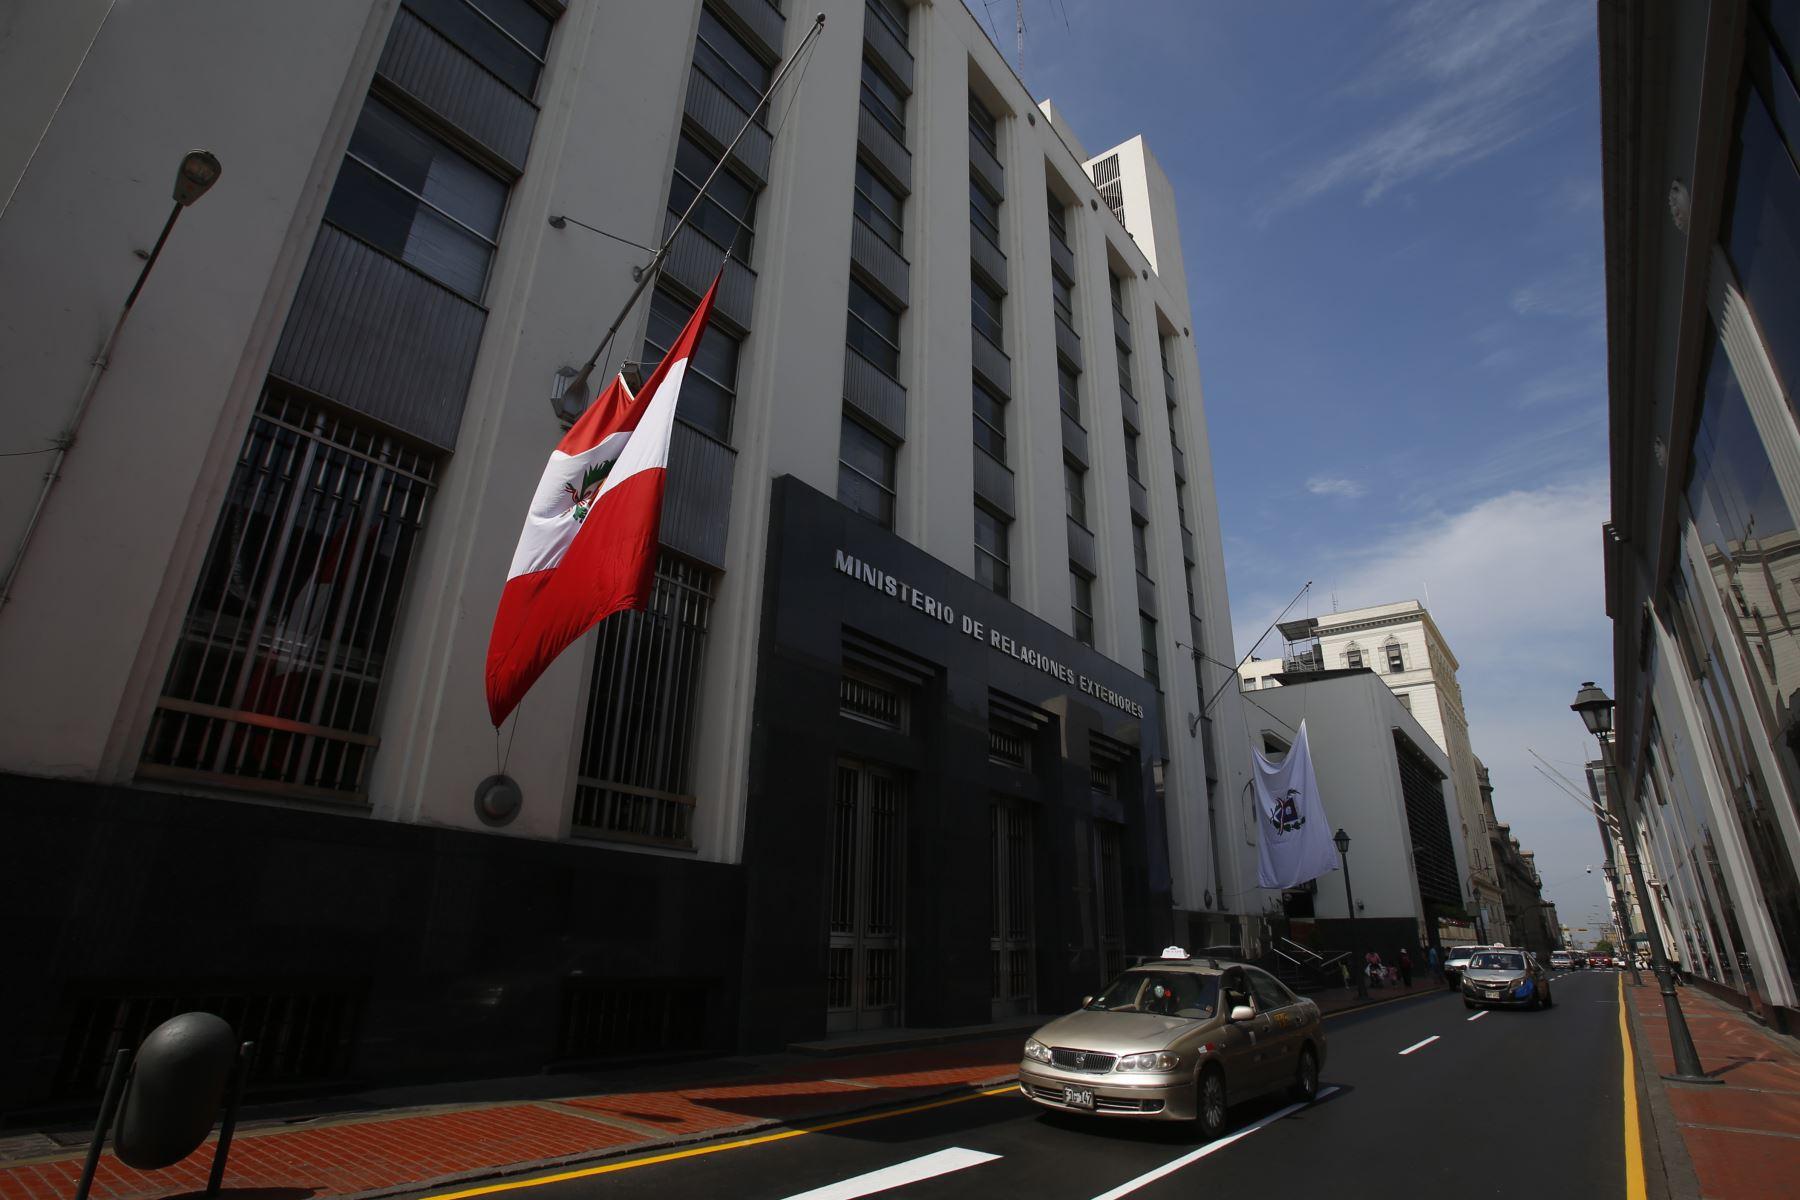 Instituciones Públicas con la Bandera de Perú a media asta con motivo del fallecimiento del ExPresidente Alan Garcia. Ministerio de Relaciones Exteriores. Foto: ANDINA/Nathalie Sayago